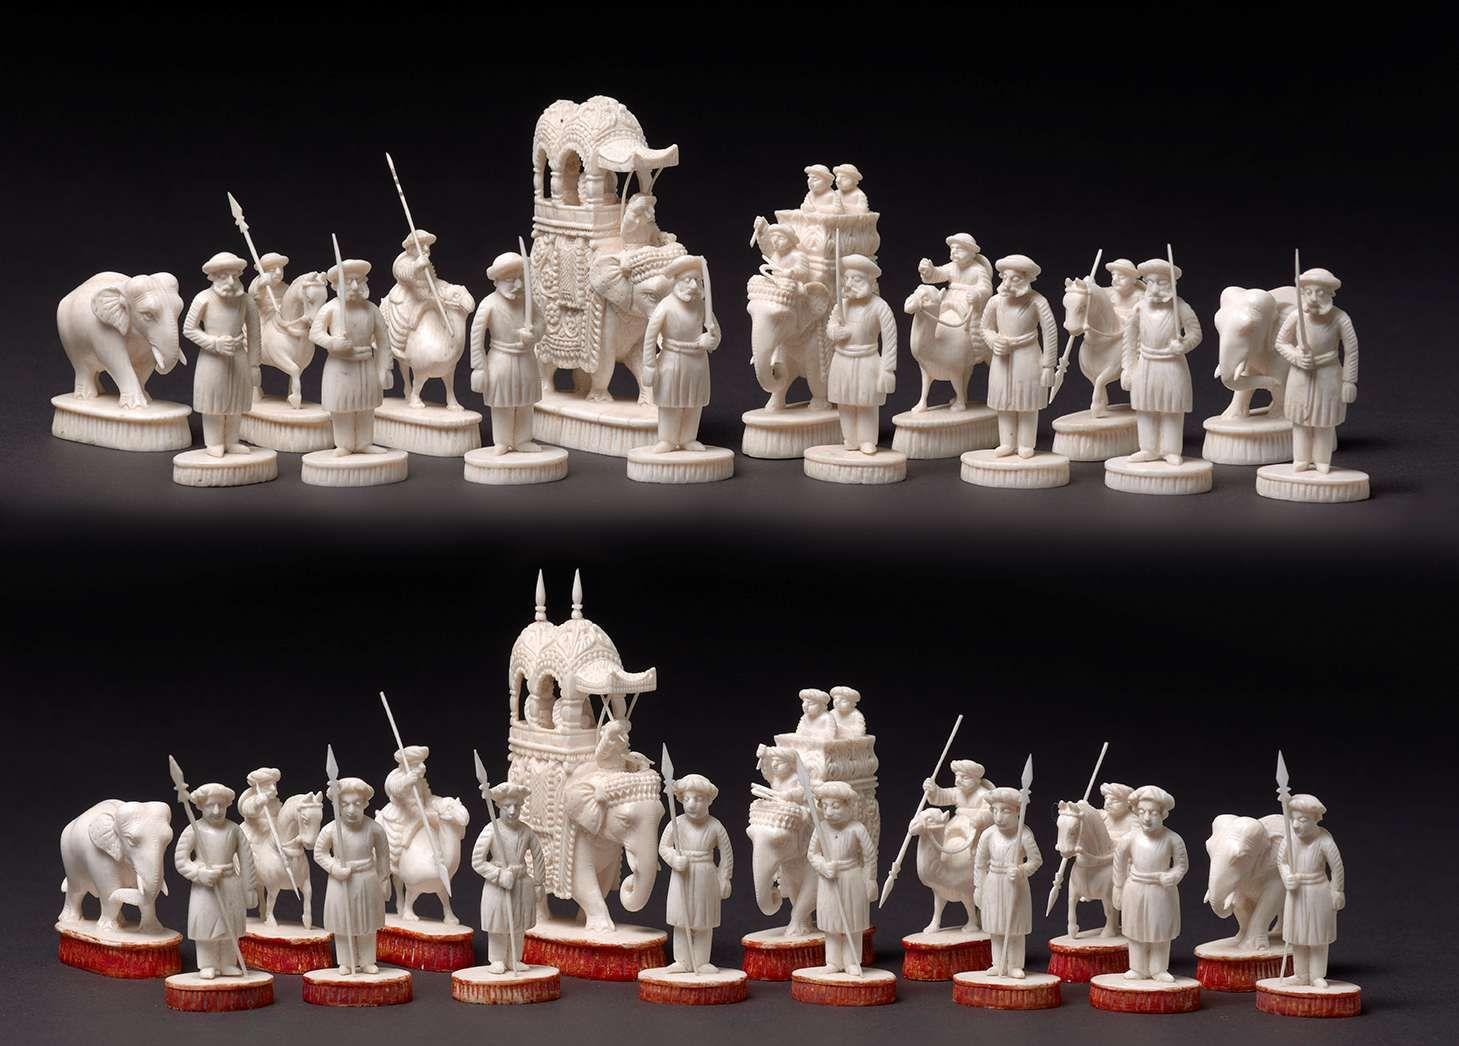 заставил малолетку индийские шахматы картинки хочется, чтобы наша